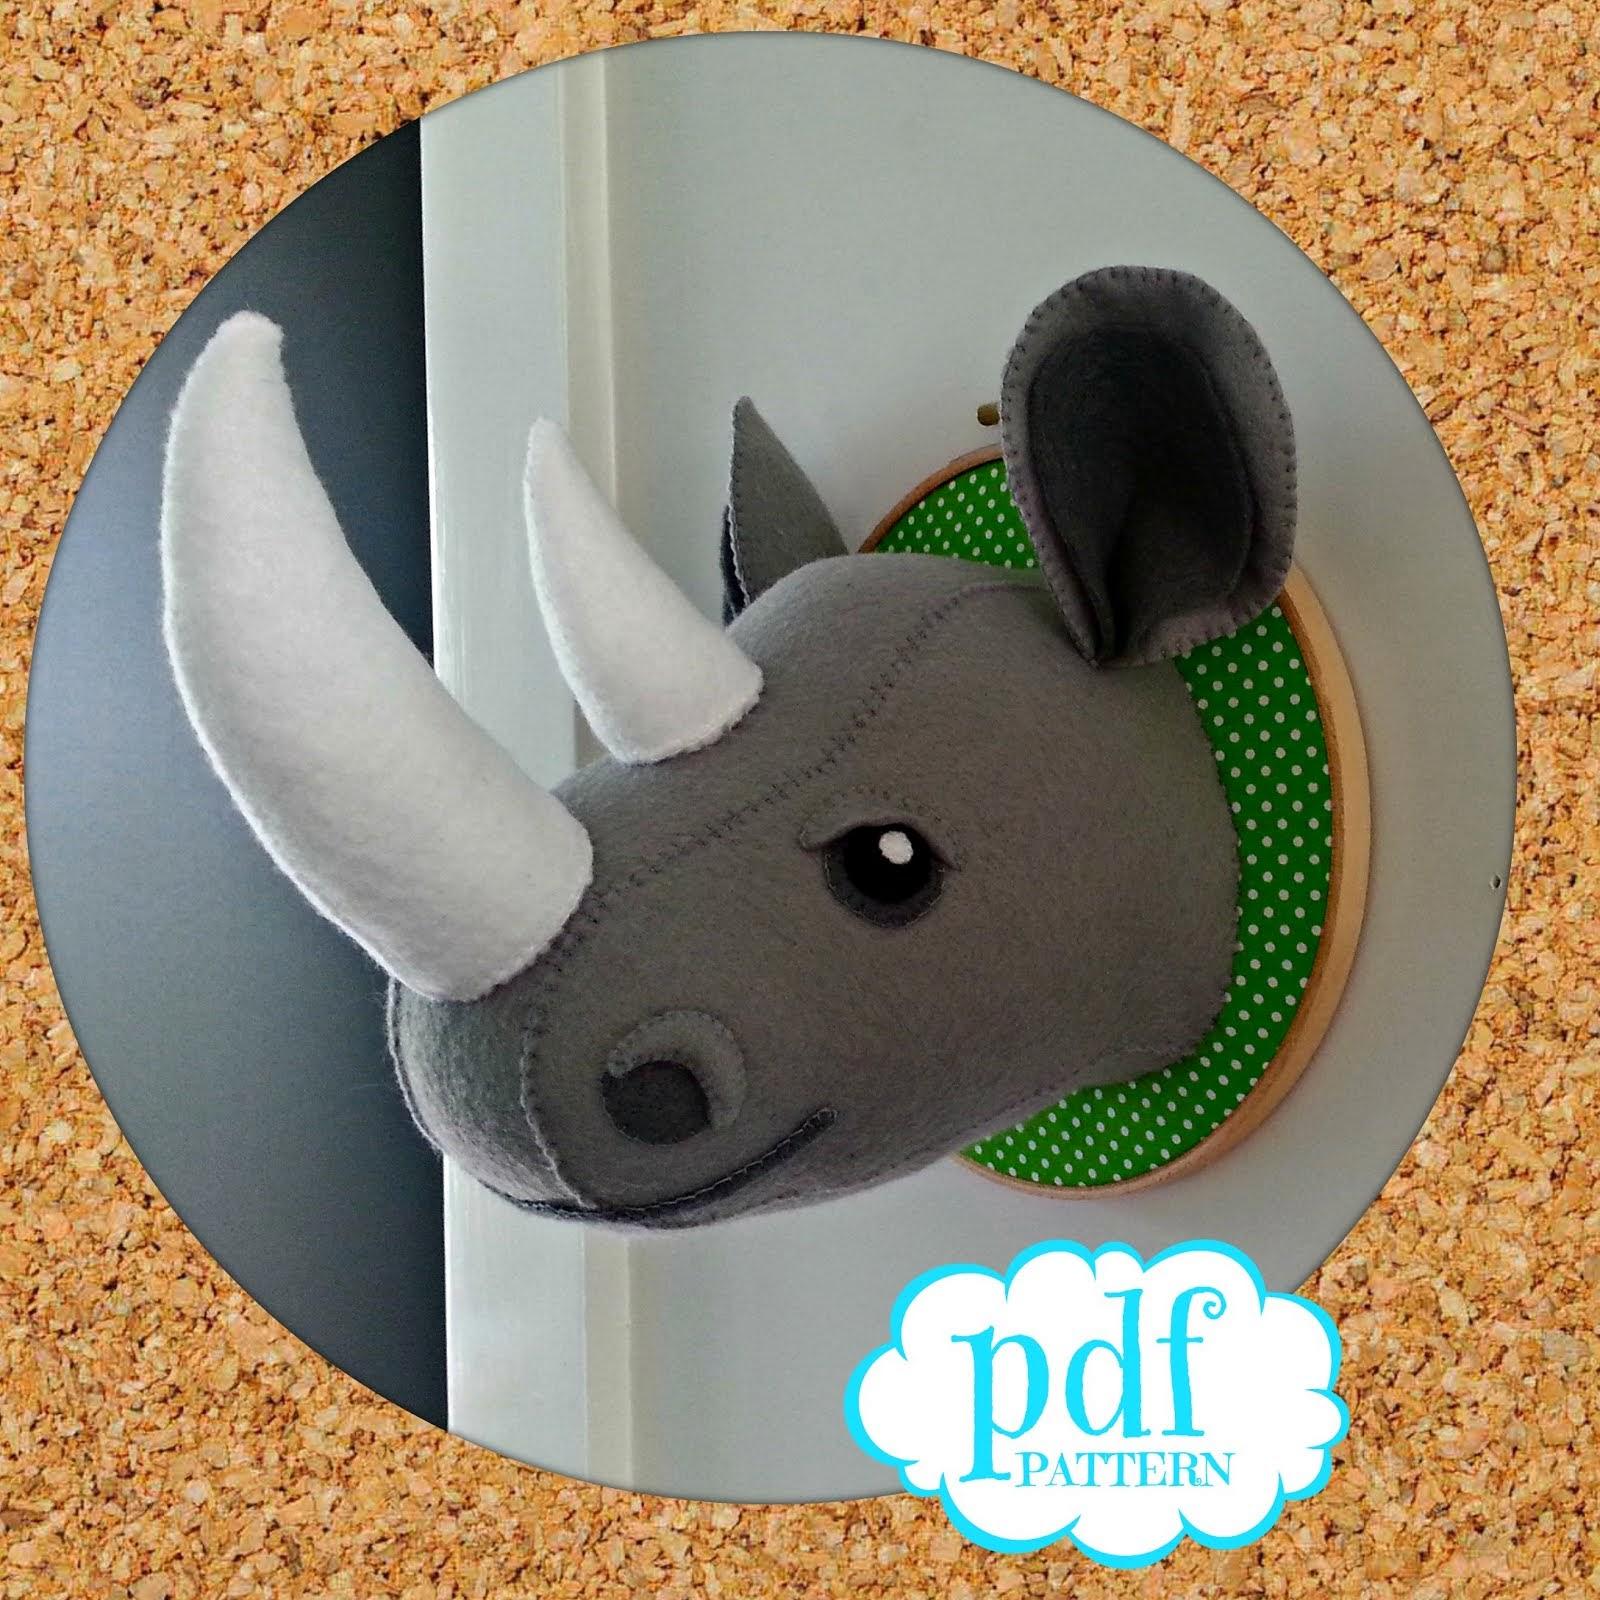 Rhino faux taxidermy pattern.